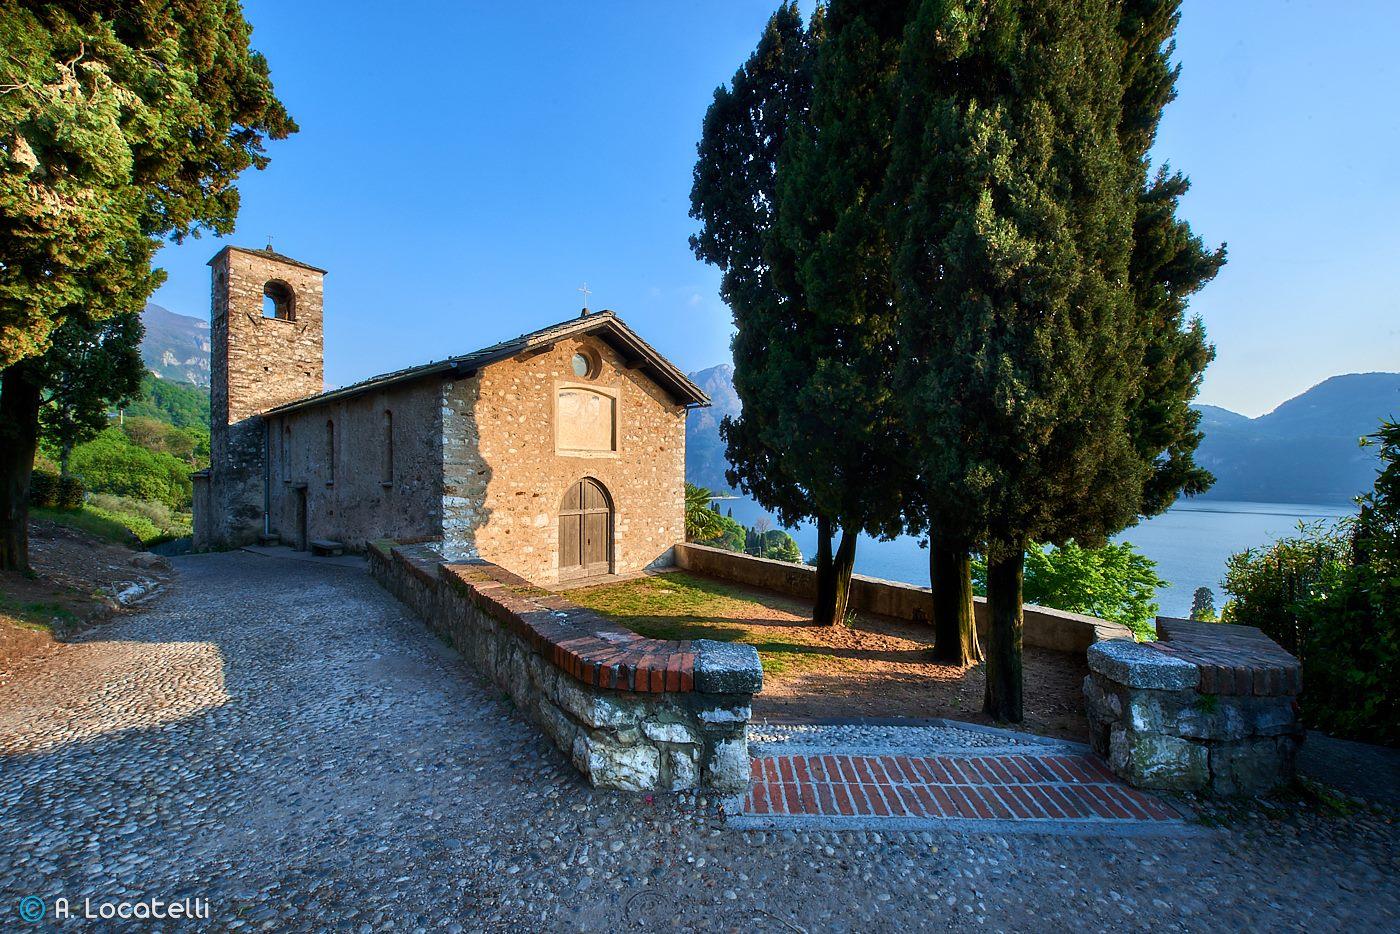 Chiesa di San Giorgio a Mandello